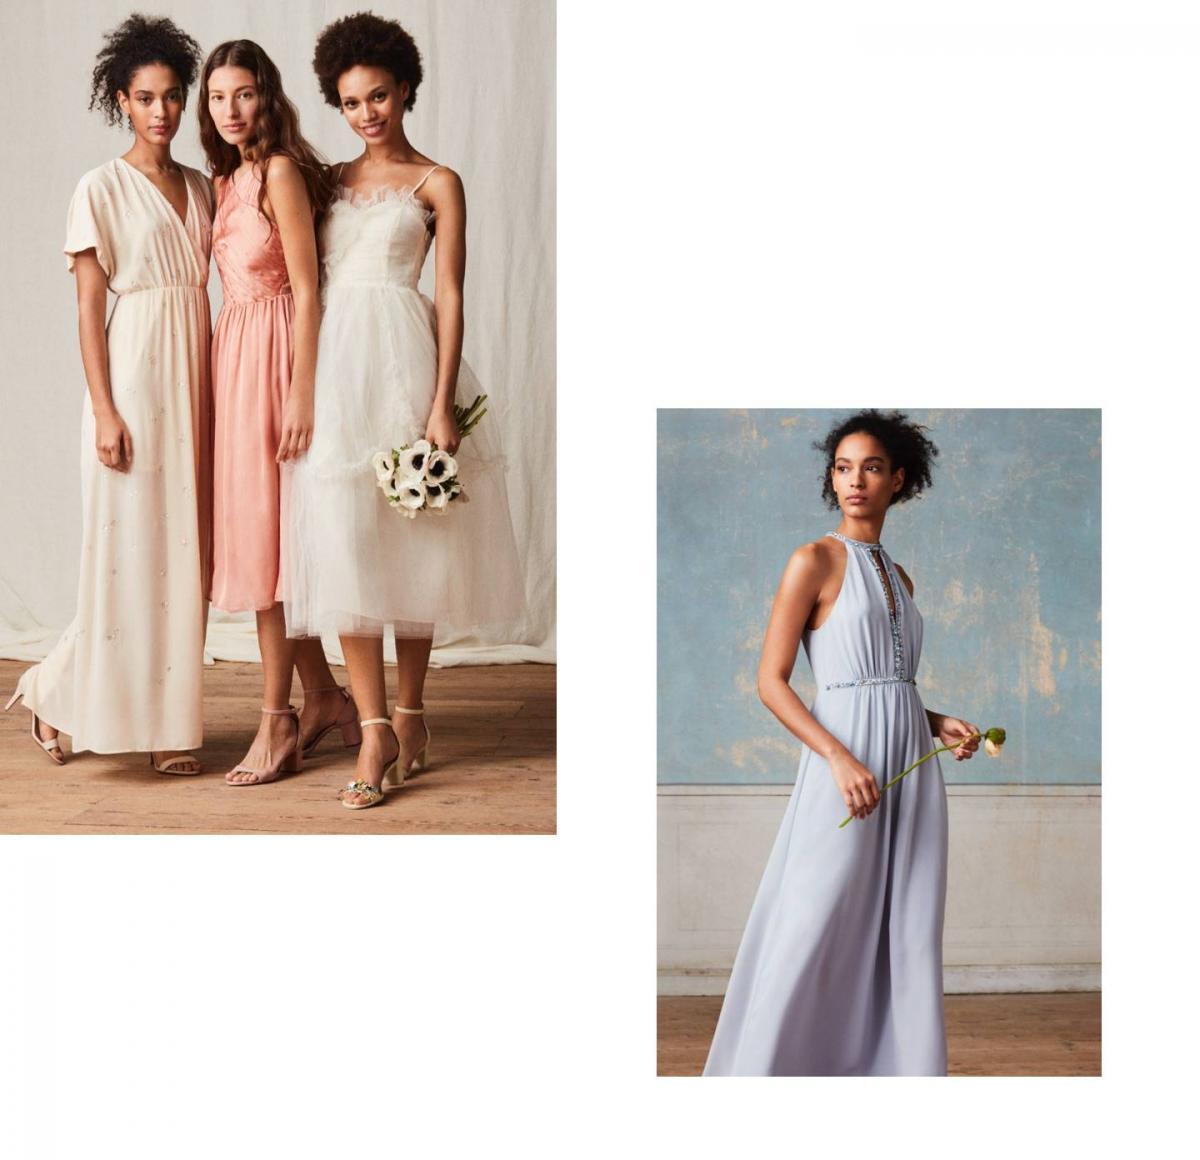 e7e8181b66df Η δε συλλογή περιλαμβάνει και φορέματα που είναι ιδανικά αν είστε καλεσμένες  σε γάμο ή αν πρέπει να ντυθείτε παράνυφοι. Τη νέα συλλογή μπορείτε να τη  δείτε ...